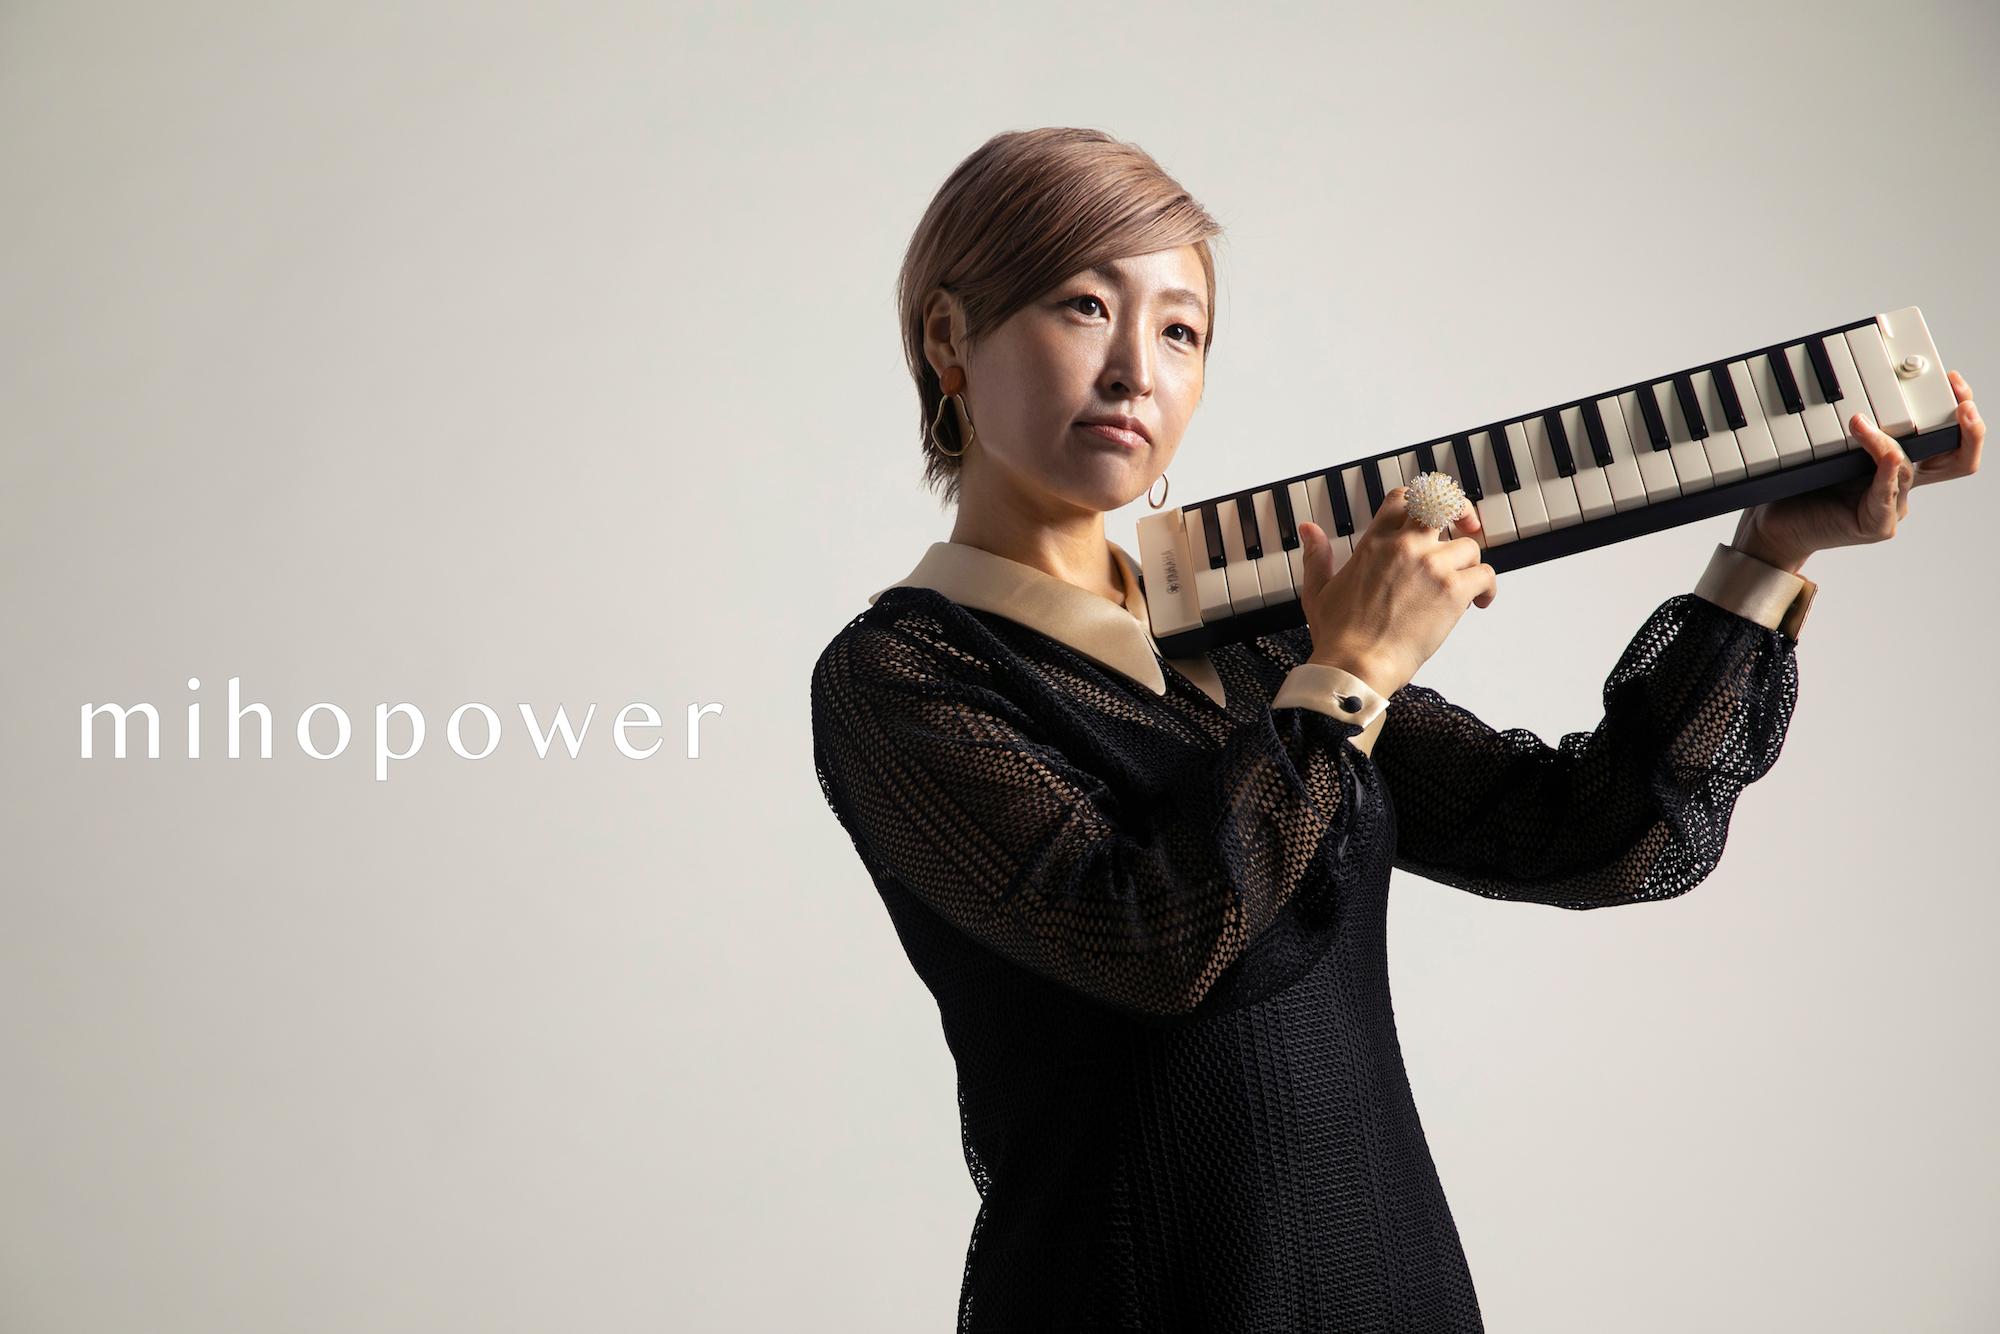 mihopower